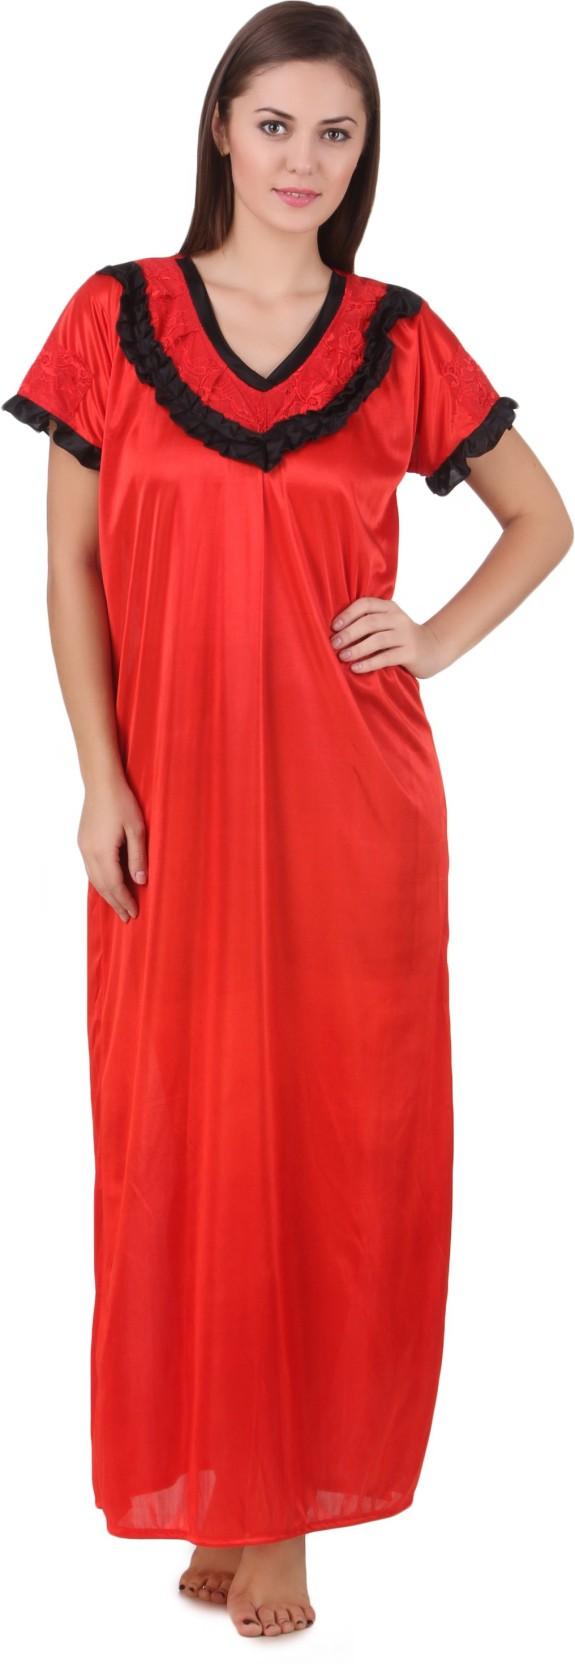 Ansh Fashion Wear Women s Nighty - Buy Red Ansh Fashion Wear Women s ... e6386bee3